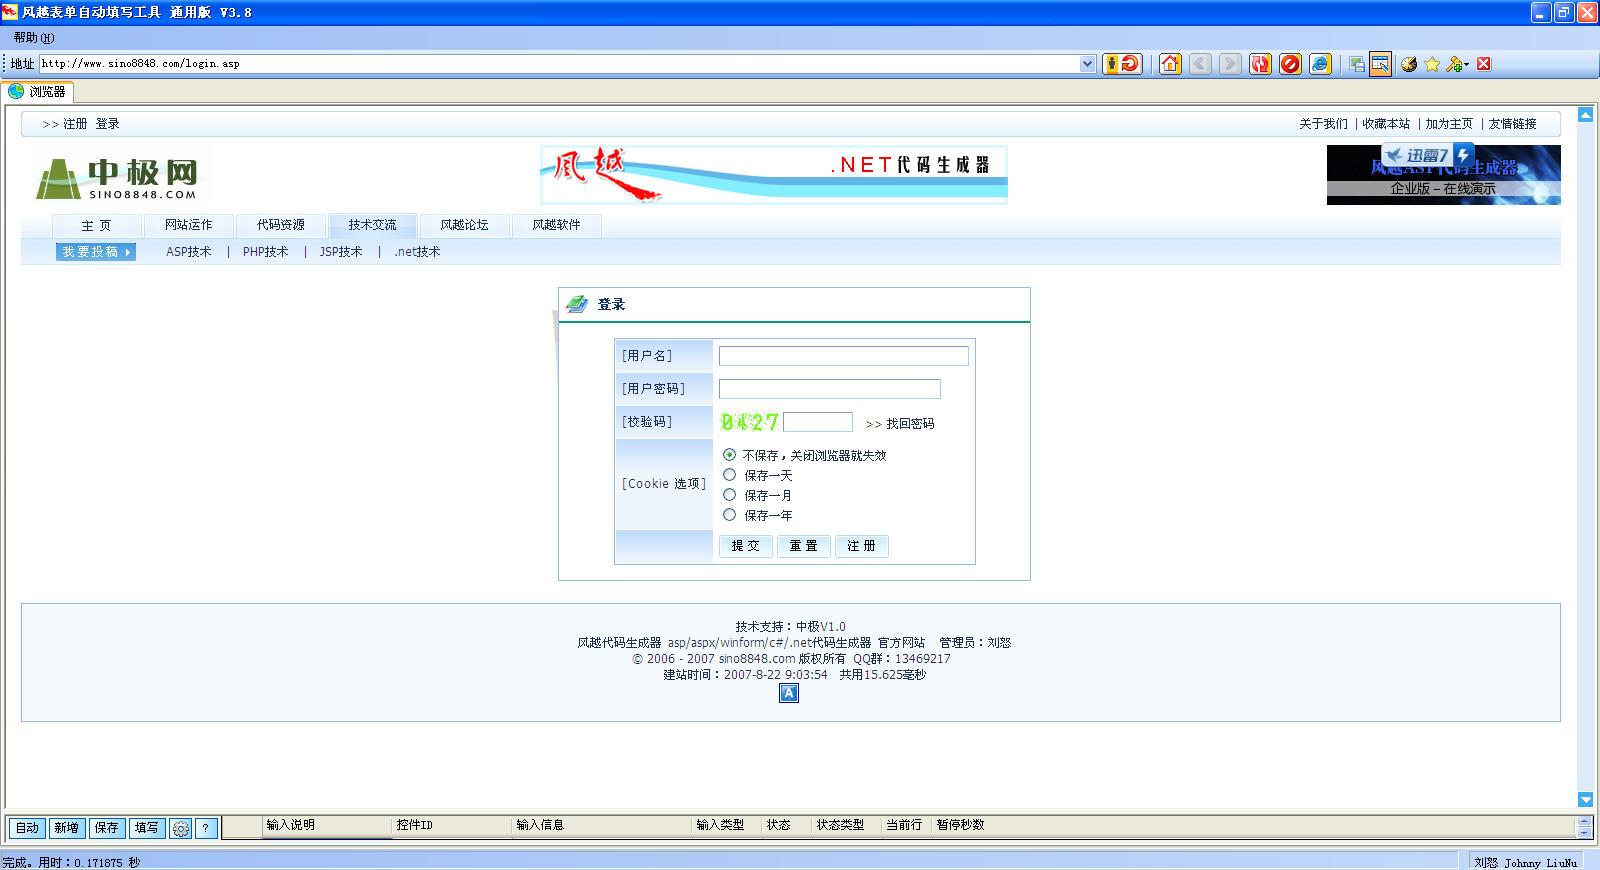 风越网页表单批量自动填写工具V3.8 简体中文版